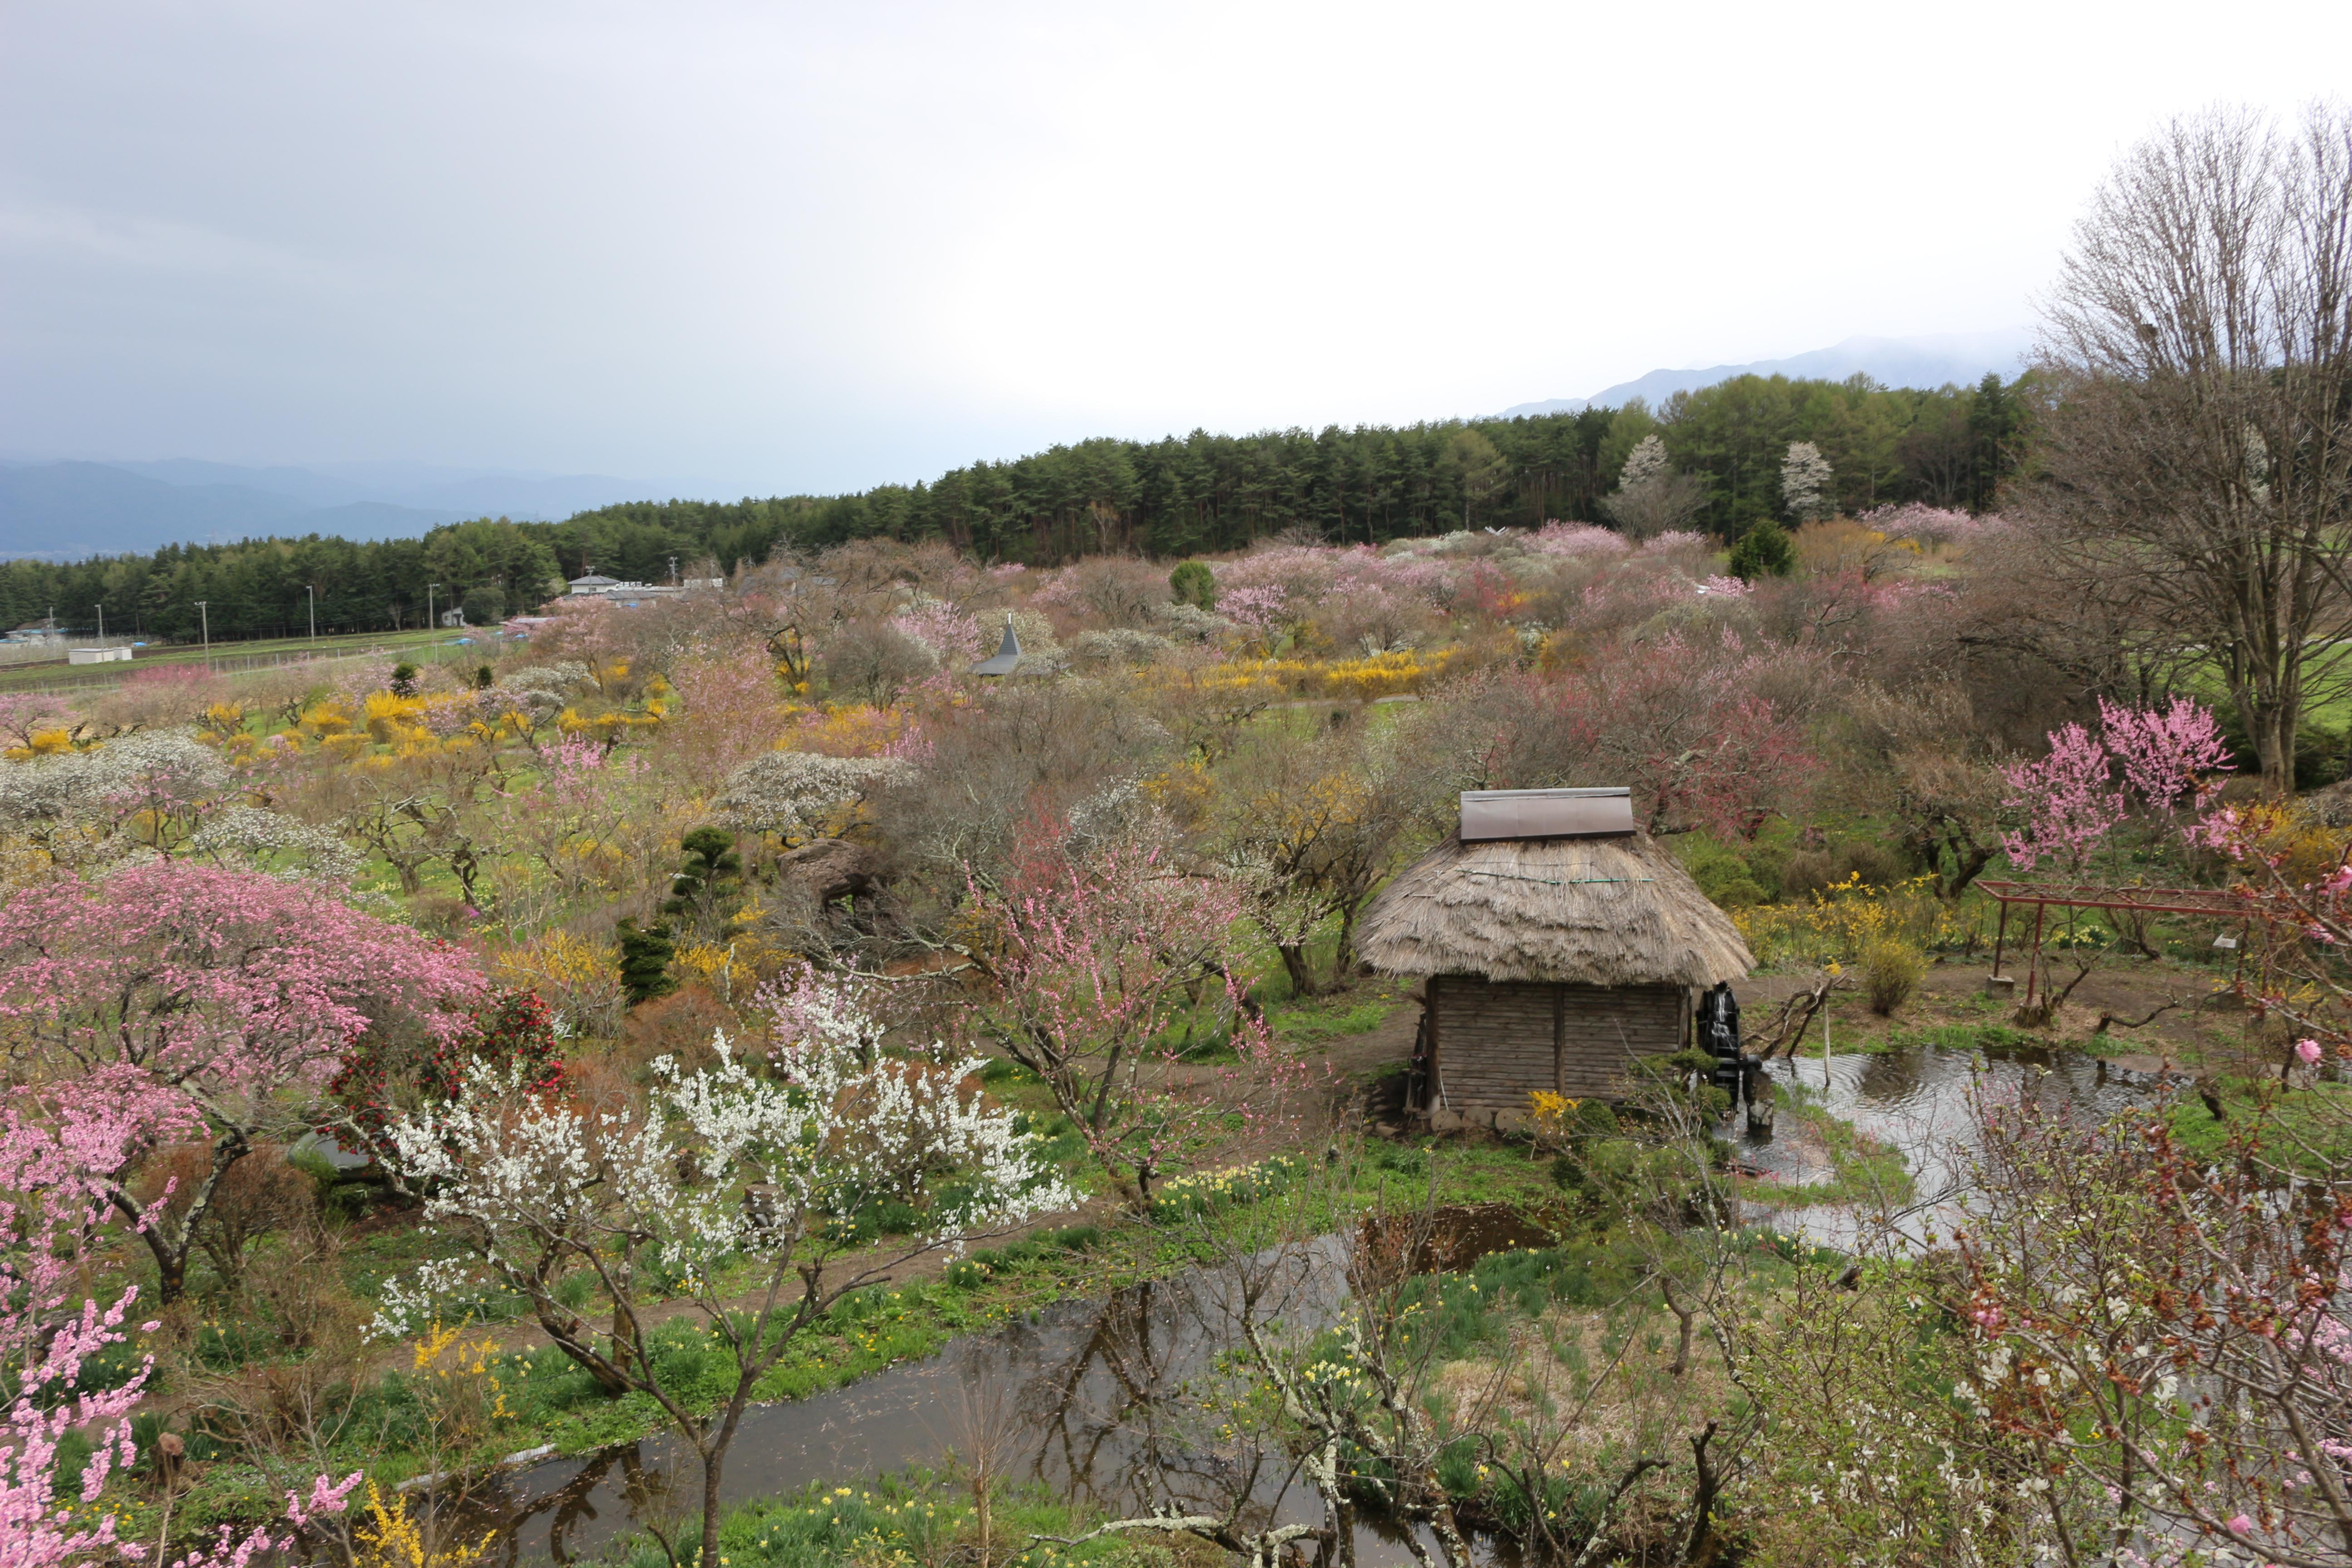 http://www.komagane-linx.co.jp/IMG_3568.JPG